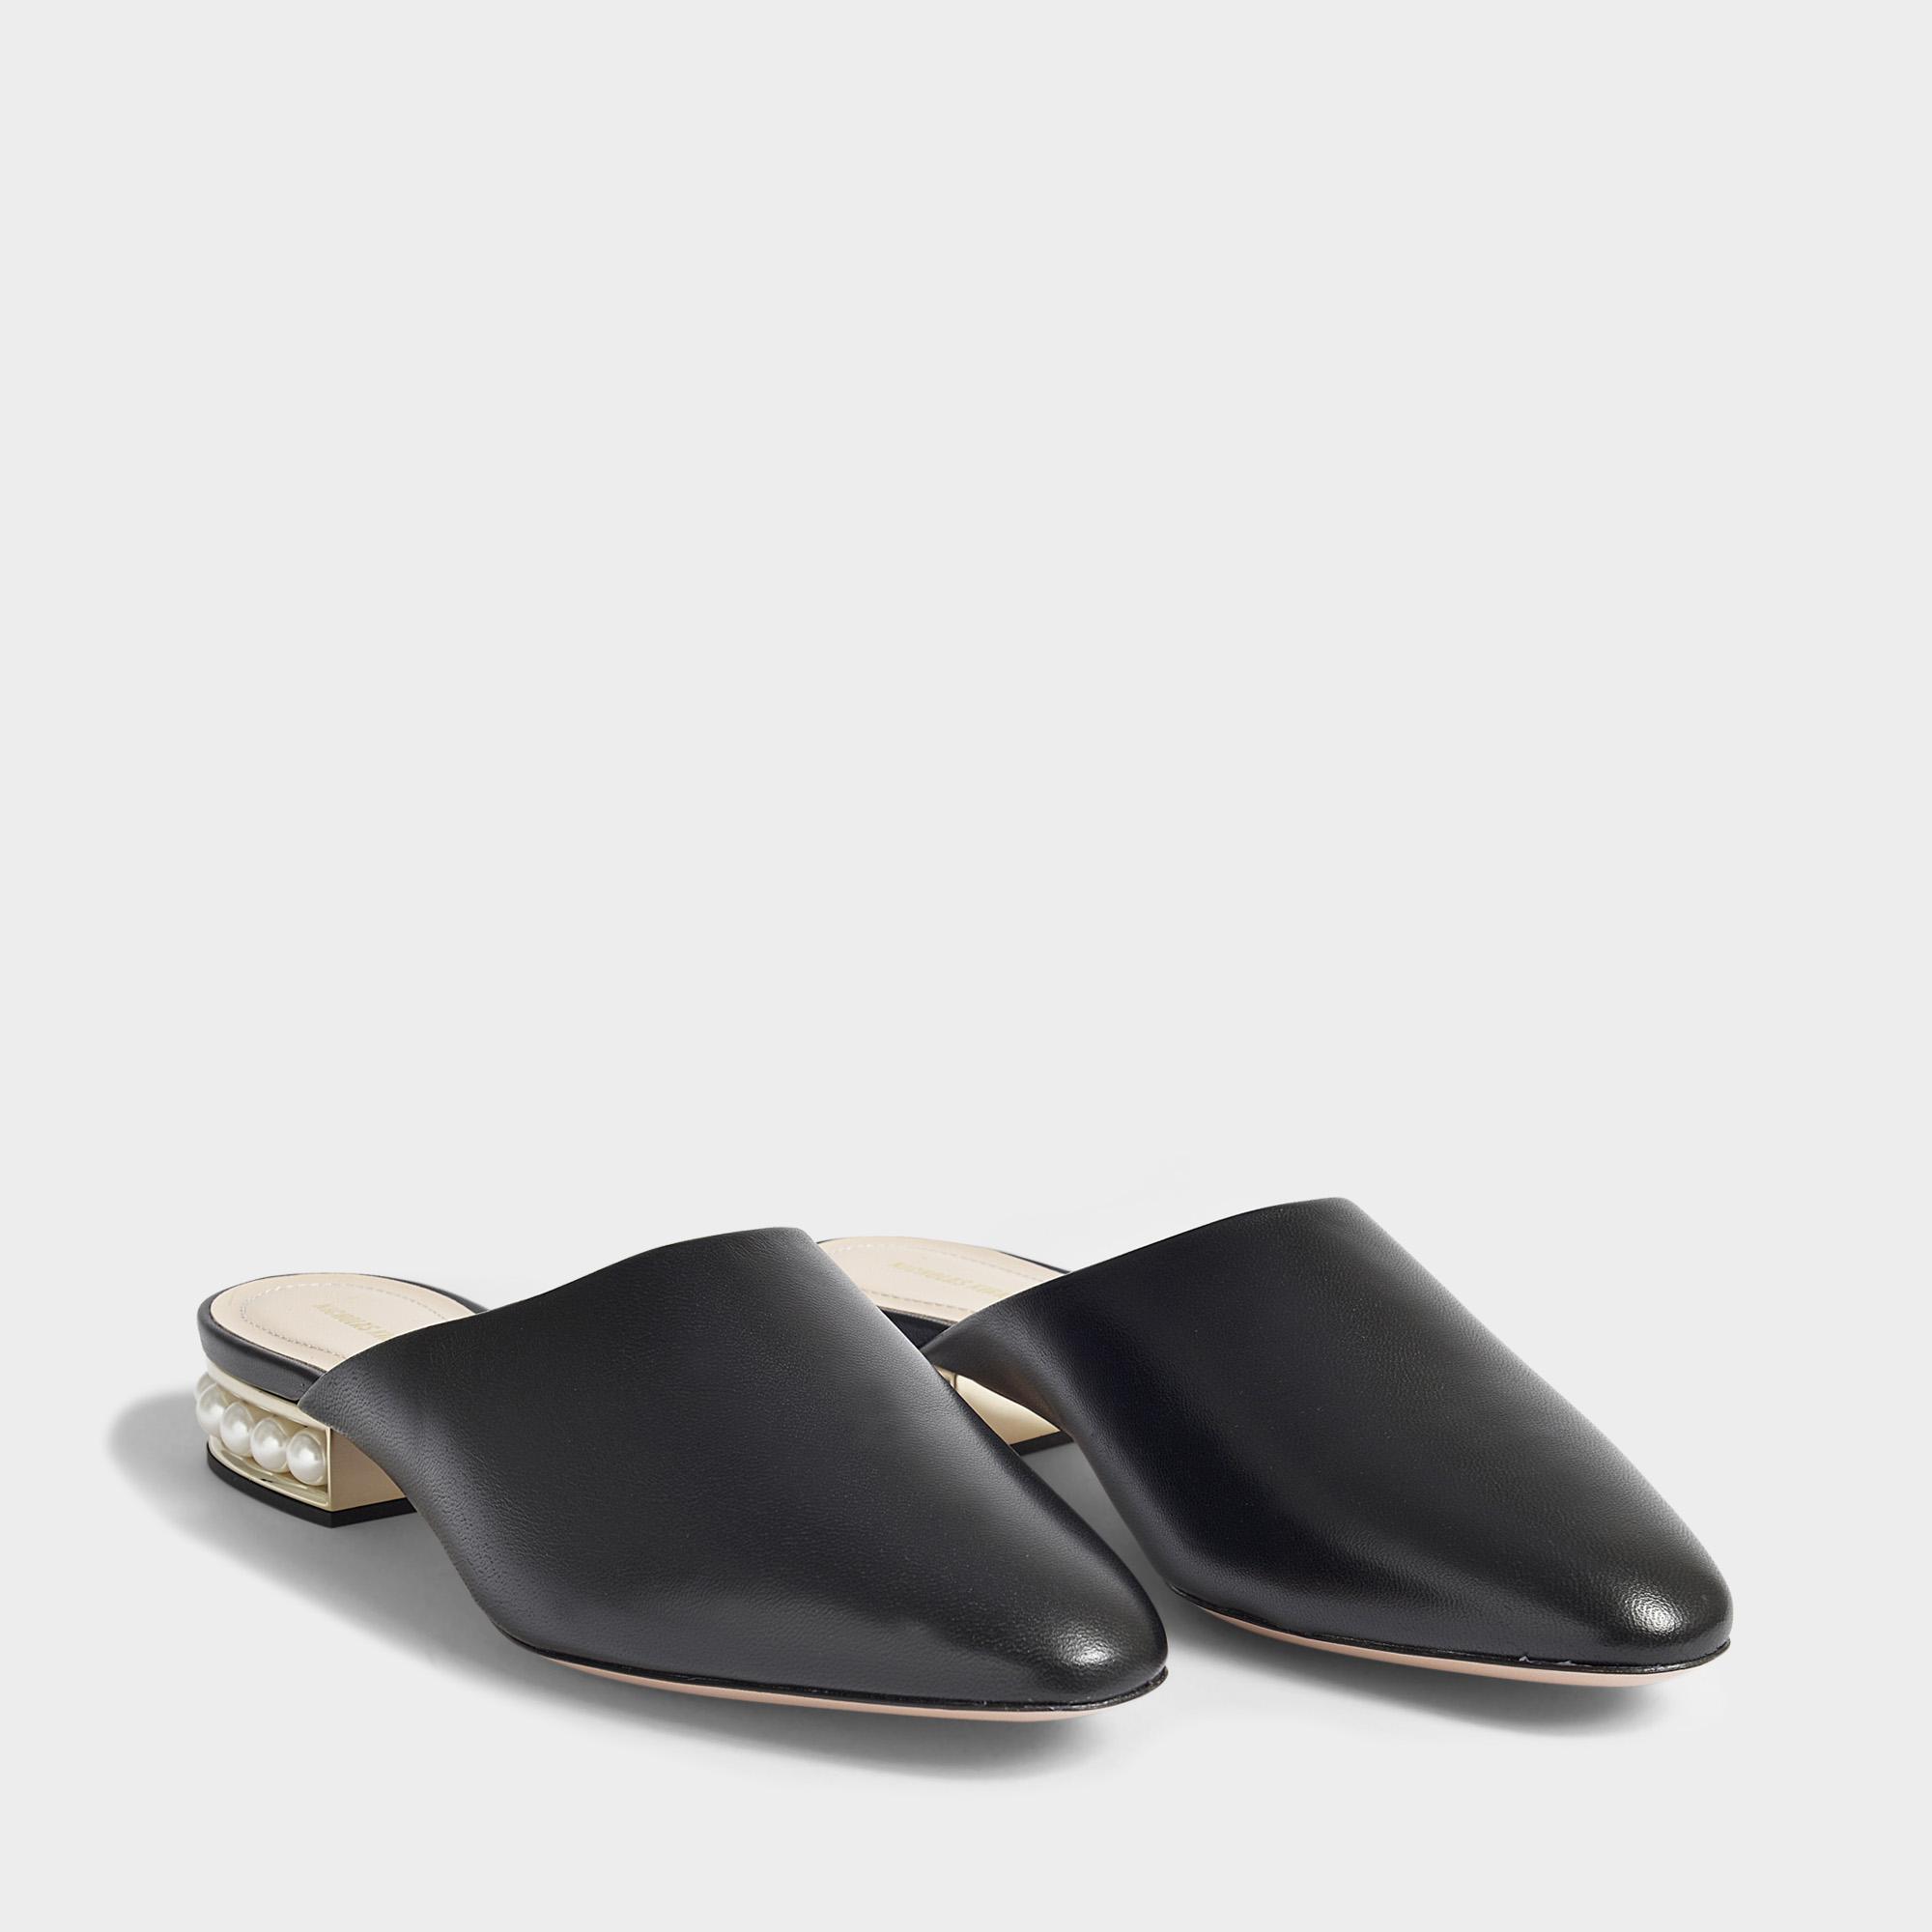 18mm Casati Pearl Slippers in Black Nappa Leather Nicholas Kirkwood l21BNJaXf